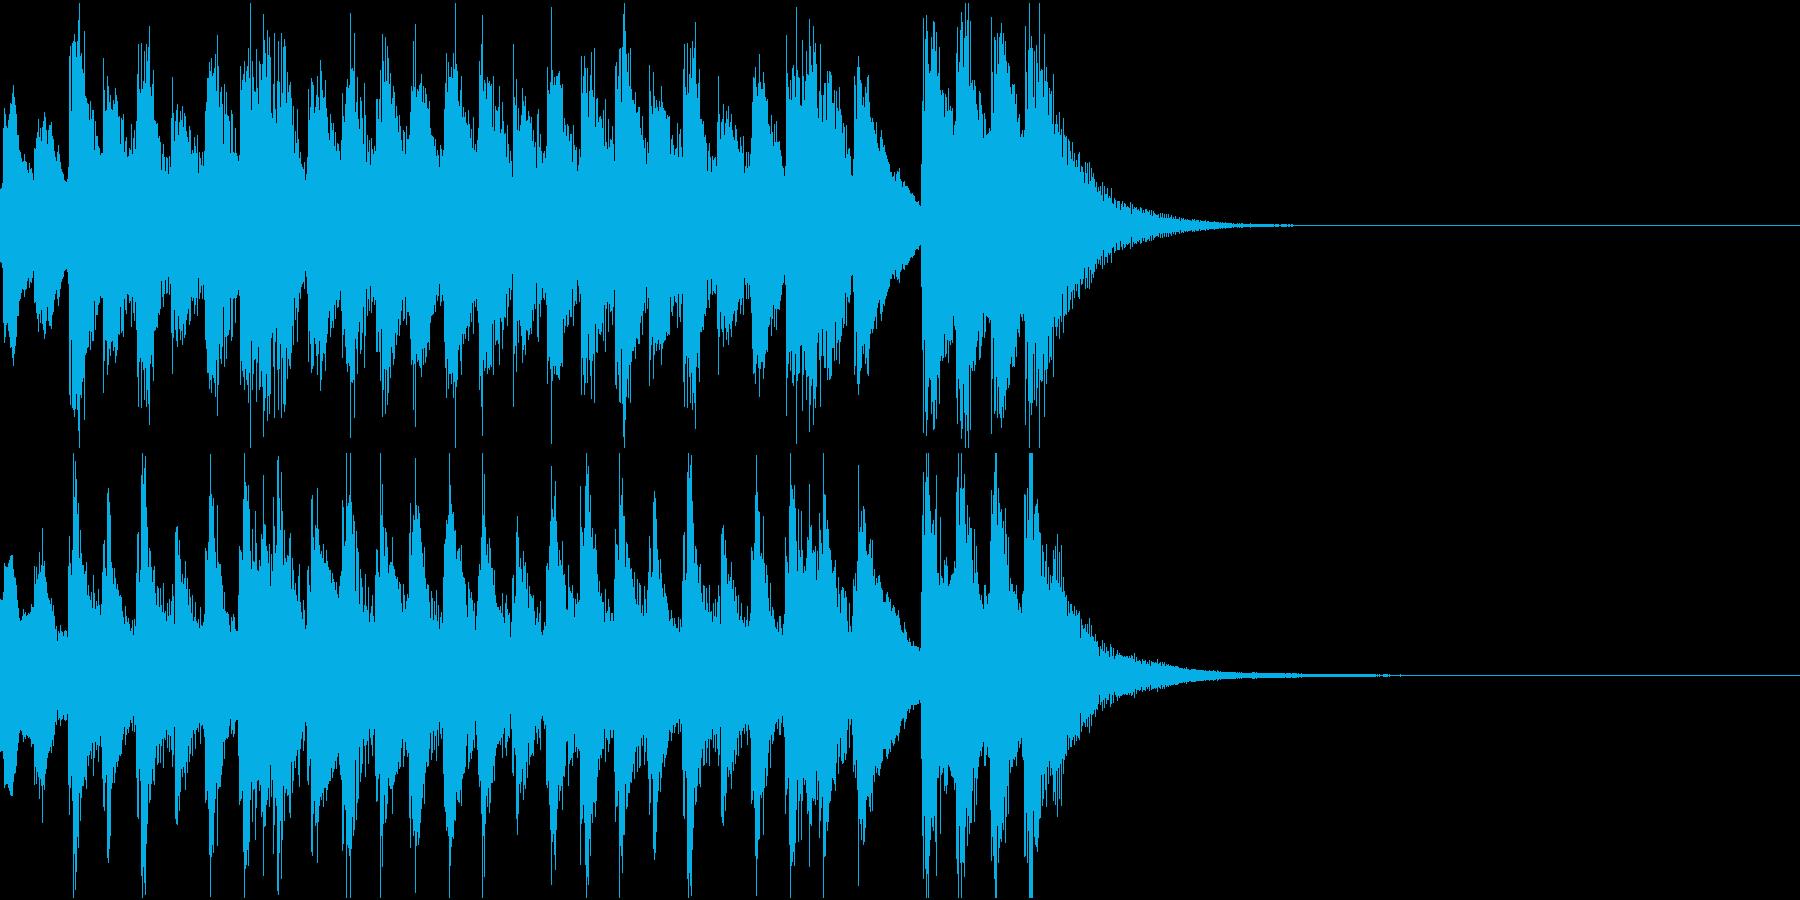 劇の繋ぎの場面に使える和楽器のジングルの再生済みの波形